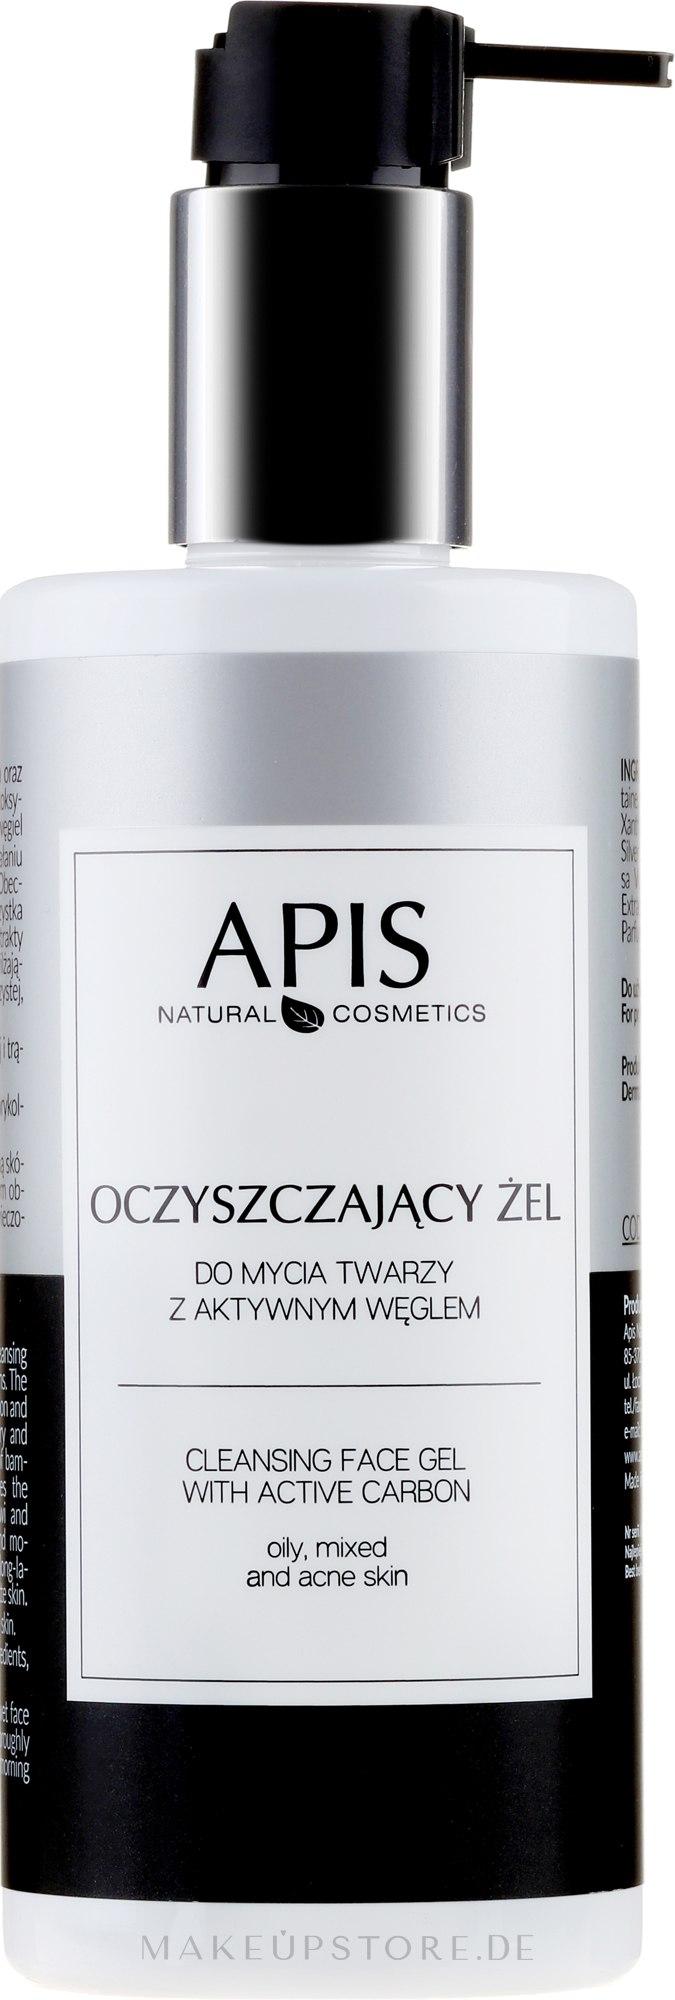 Gesichtsreinigungsgel mit Aktivkohle - APIS Professional Cleansing Gel — Bild 300 ml